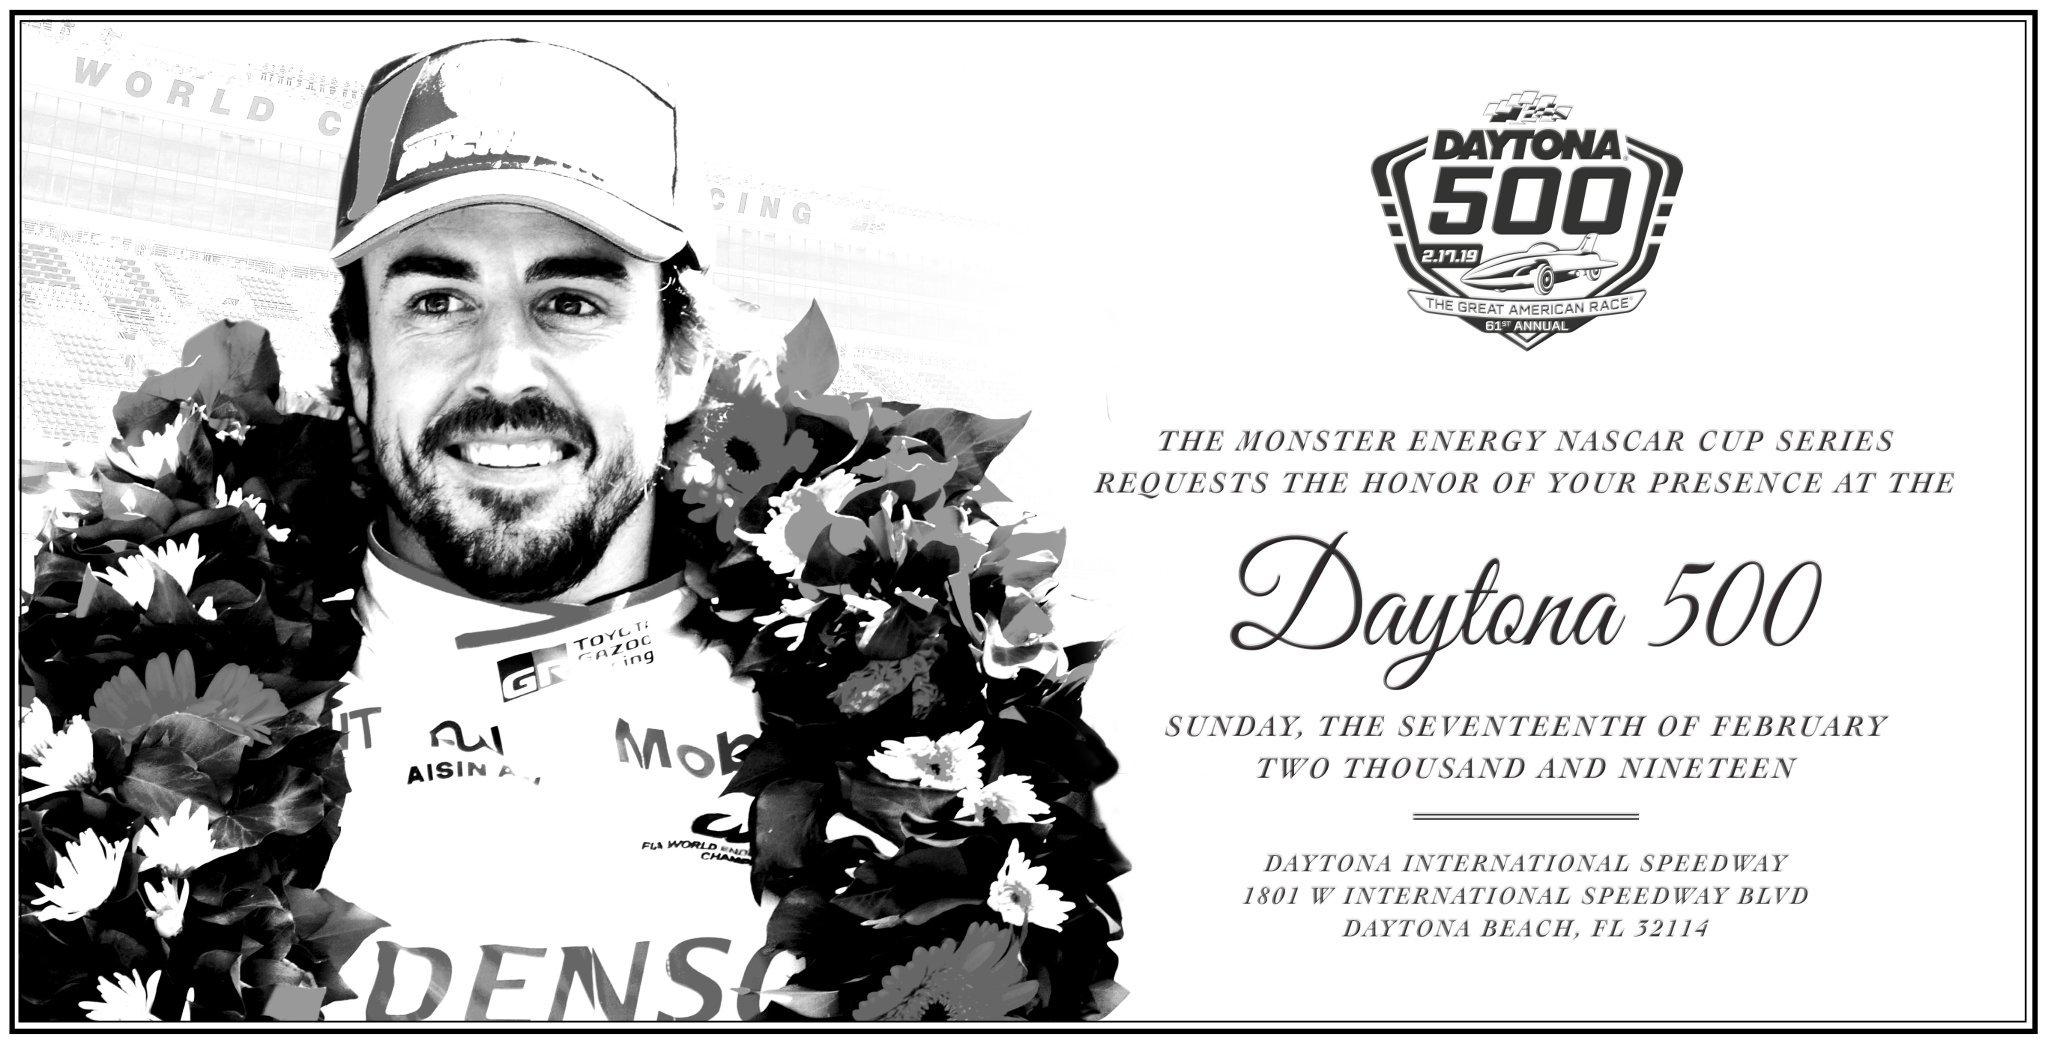 Fernando Alonso - 2019 Daytona 500 Invite